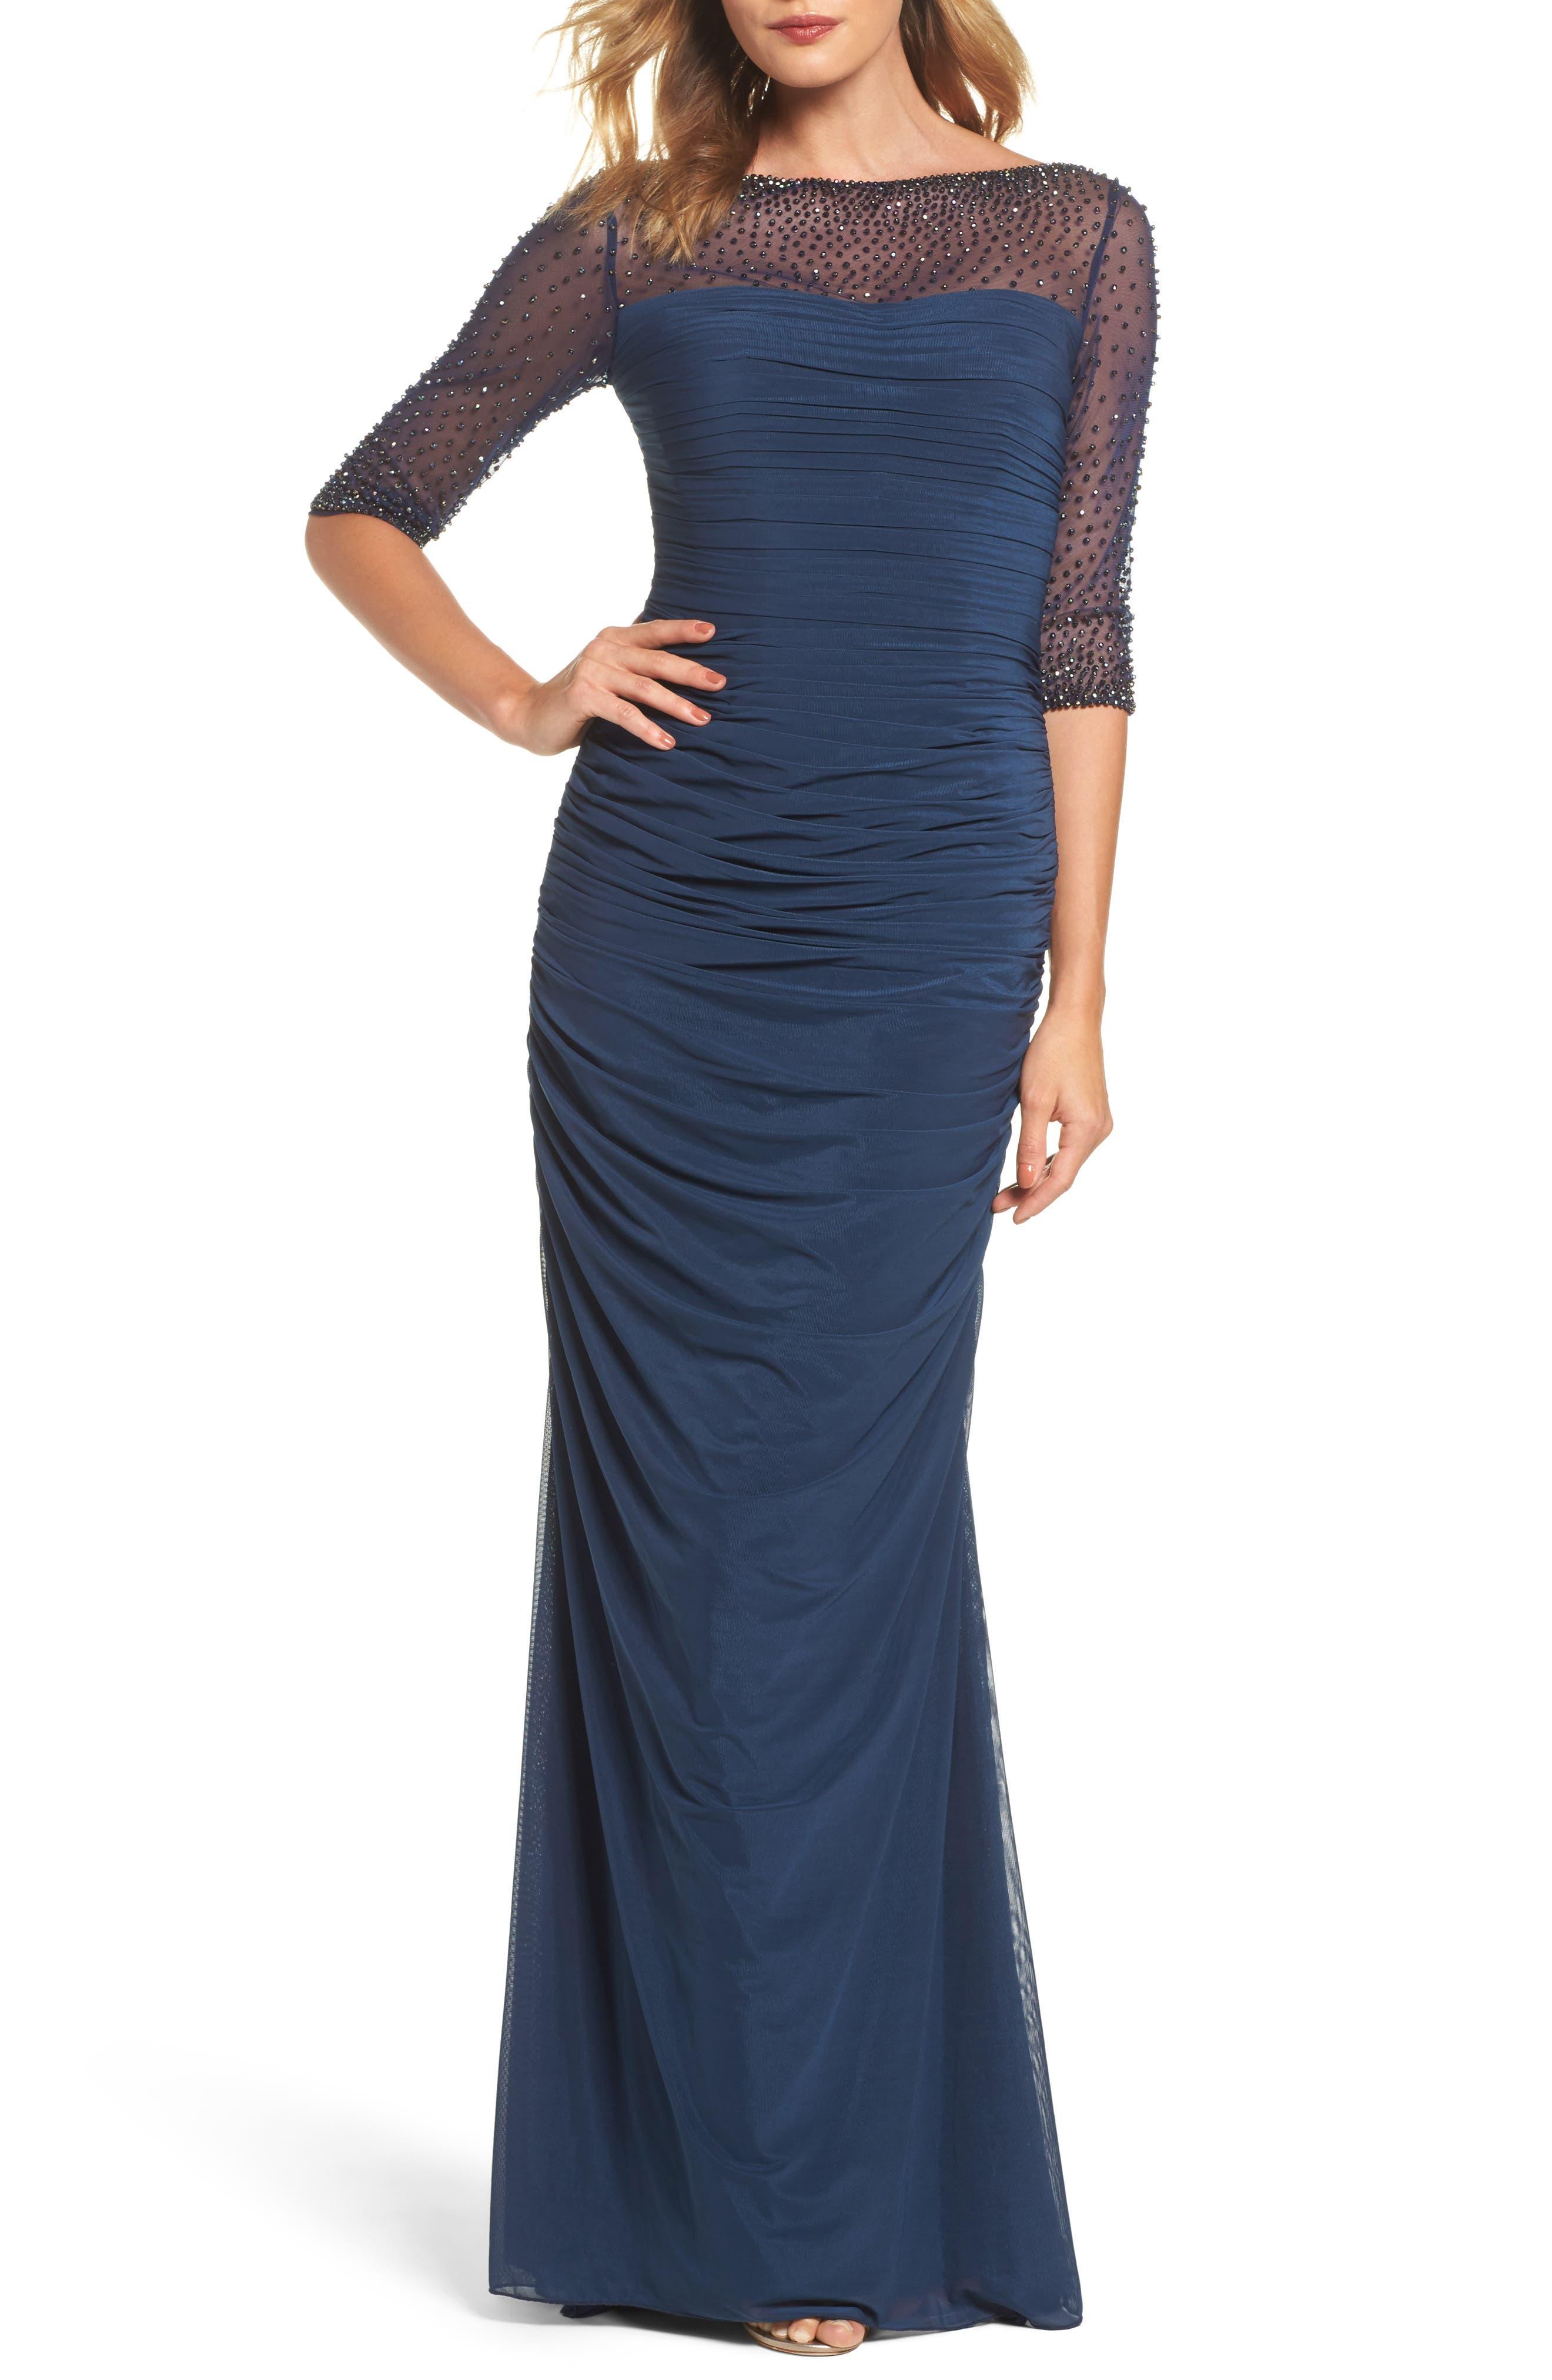 La Femme Embellished Mesh Ruched Jersey Gown, Blue